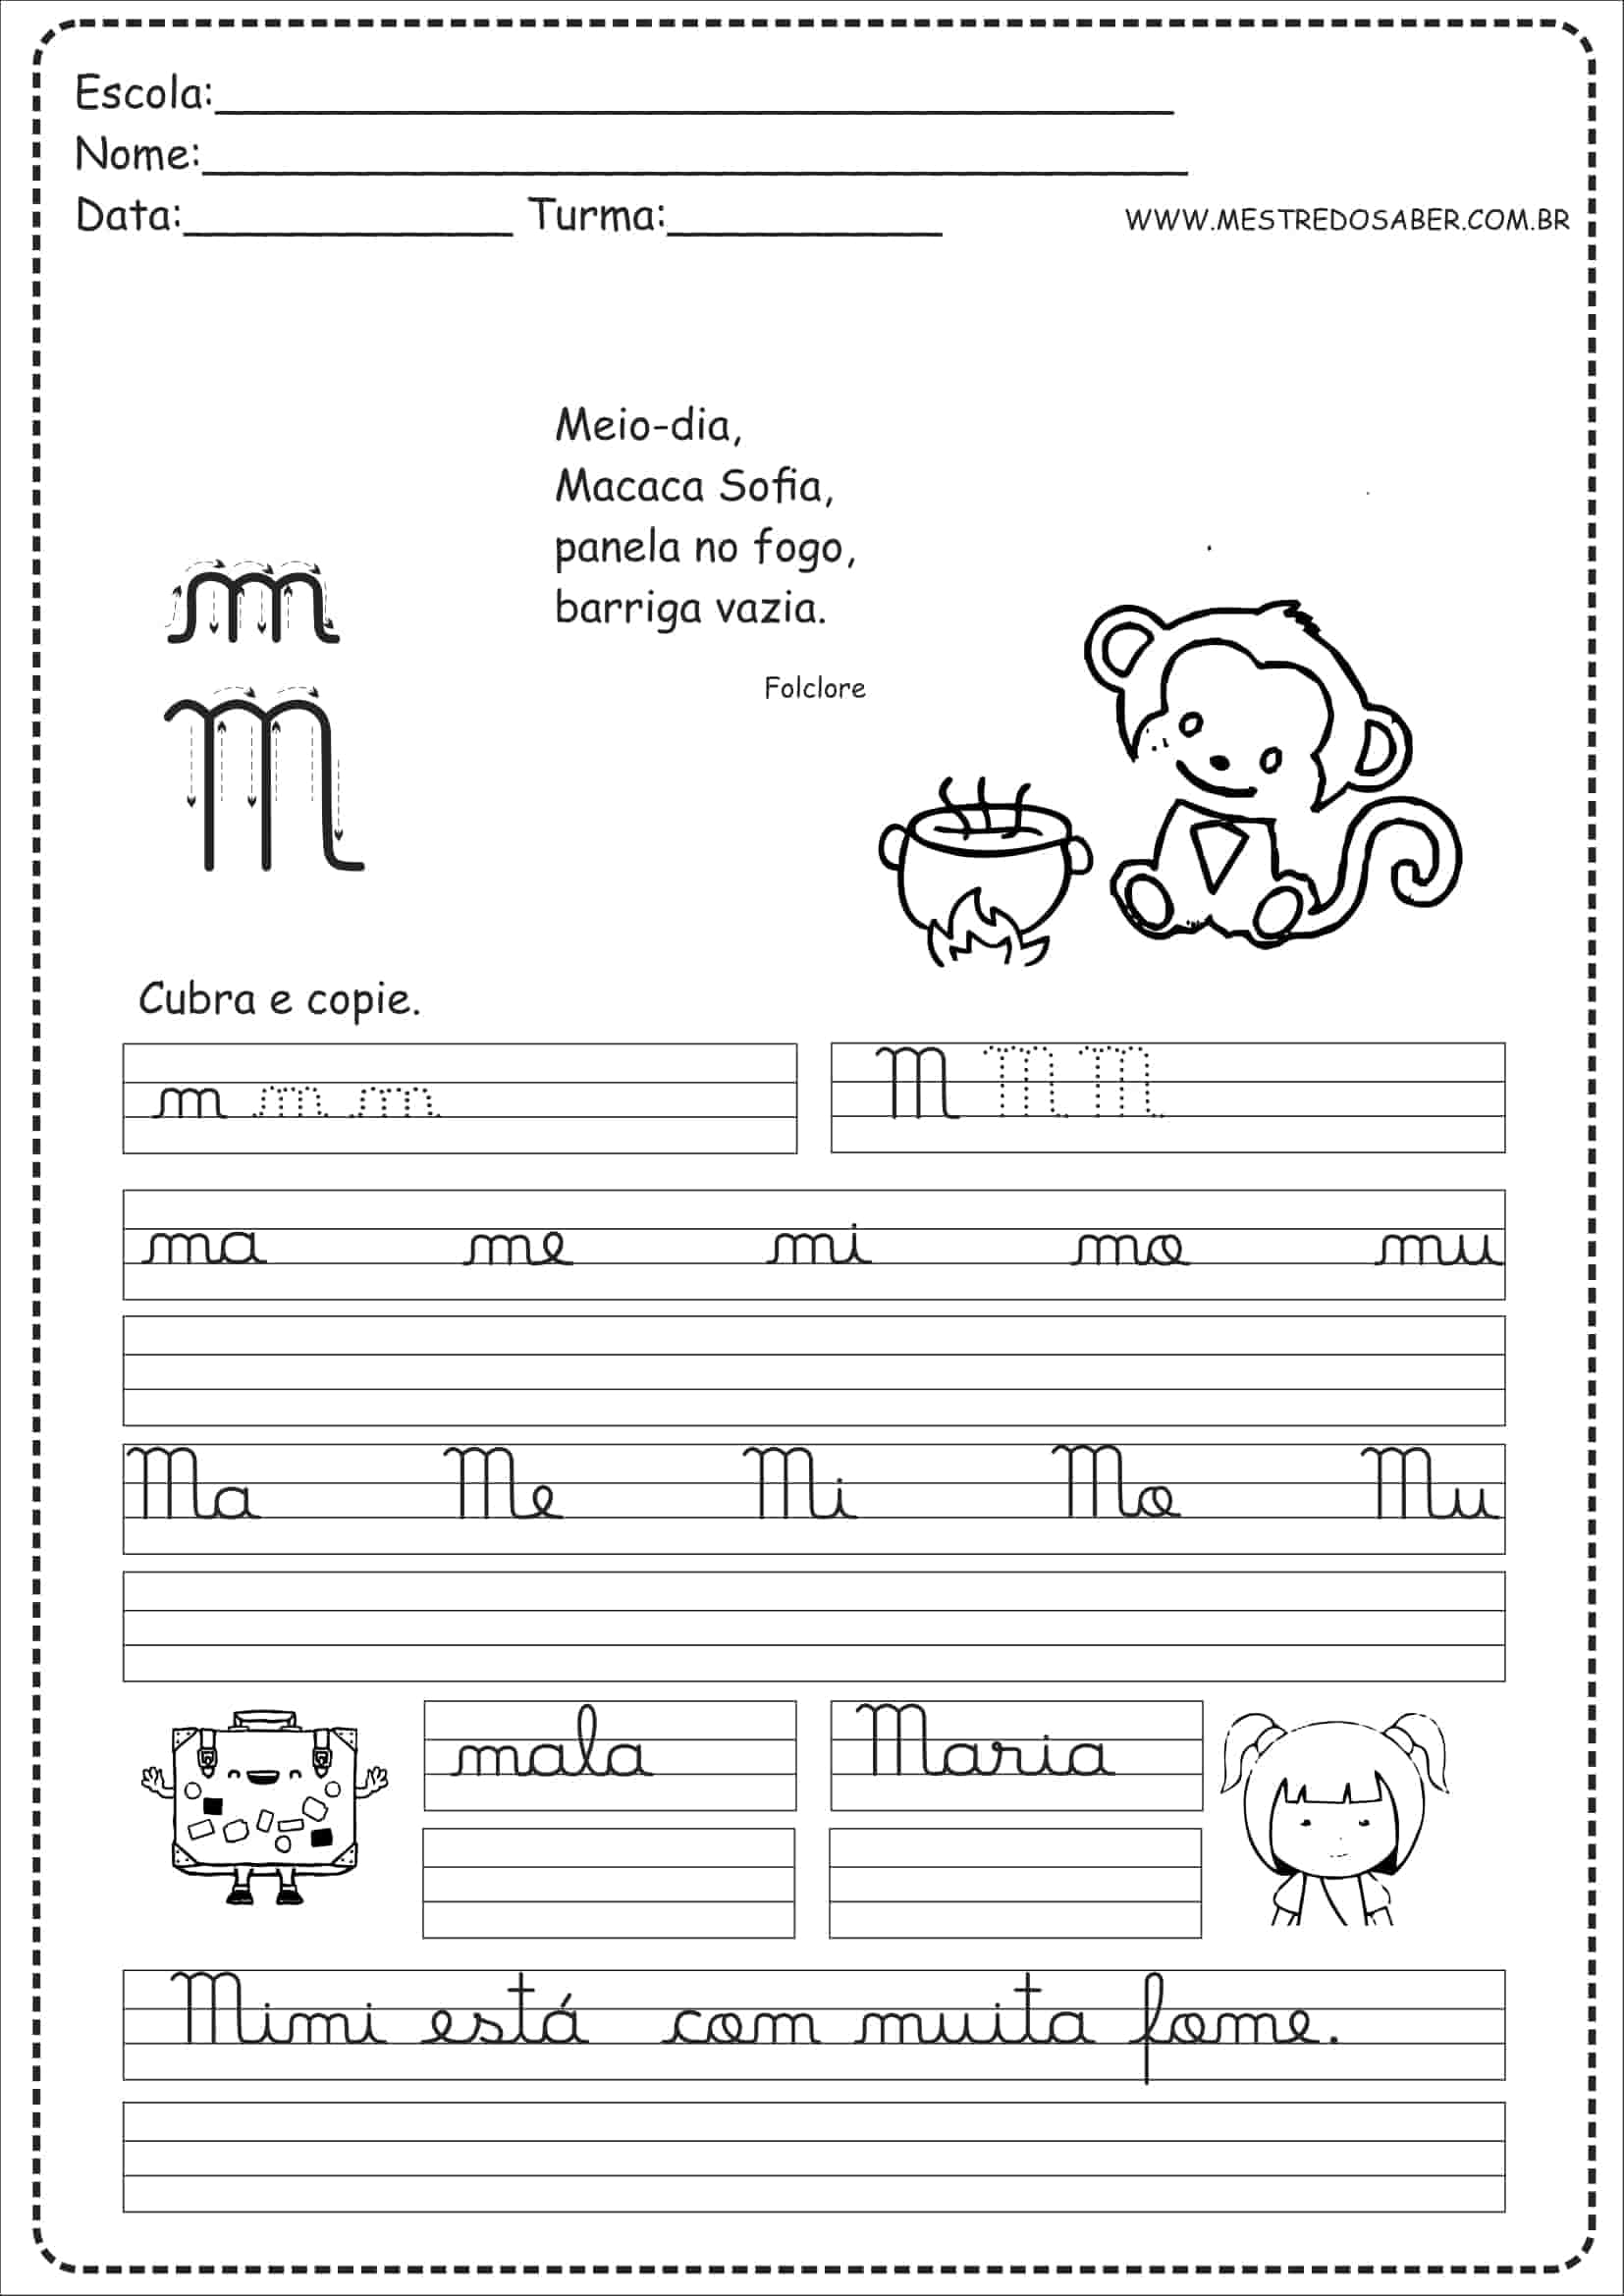 Caderno De Caligrafia Para Imprimir Mestre Do Saber